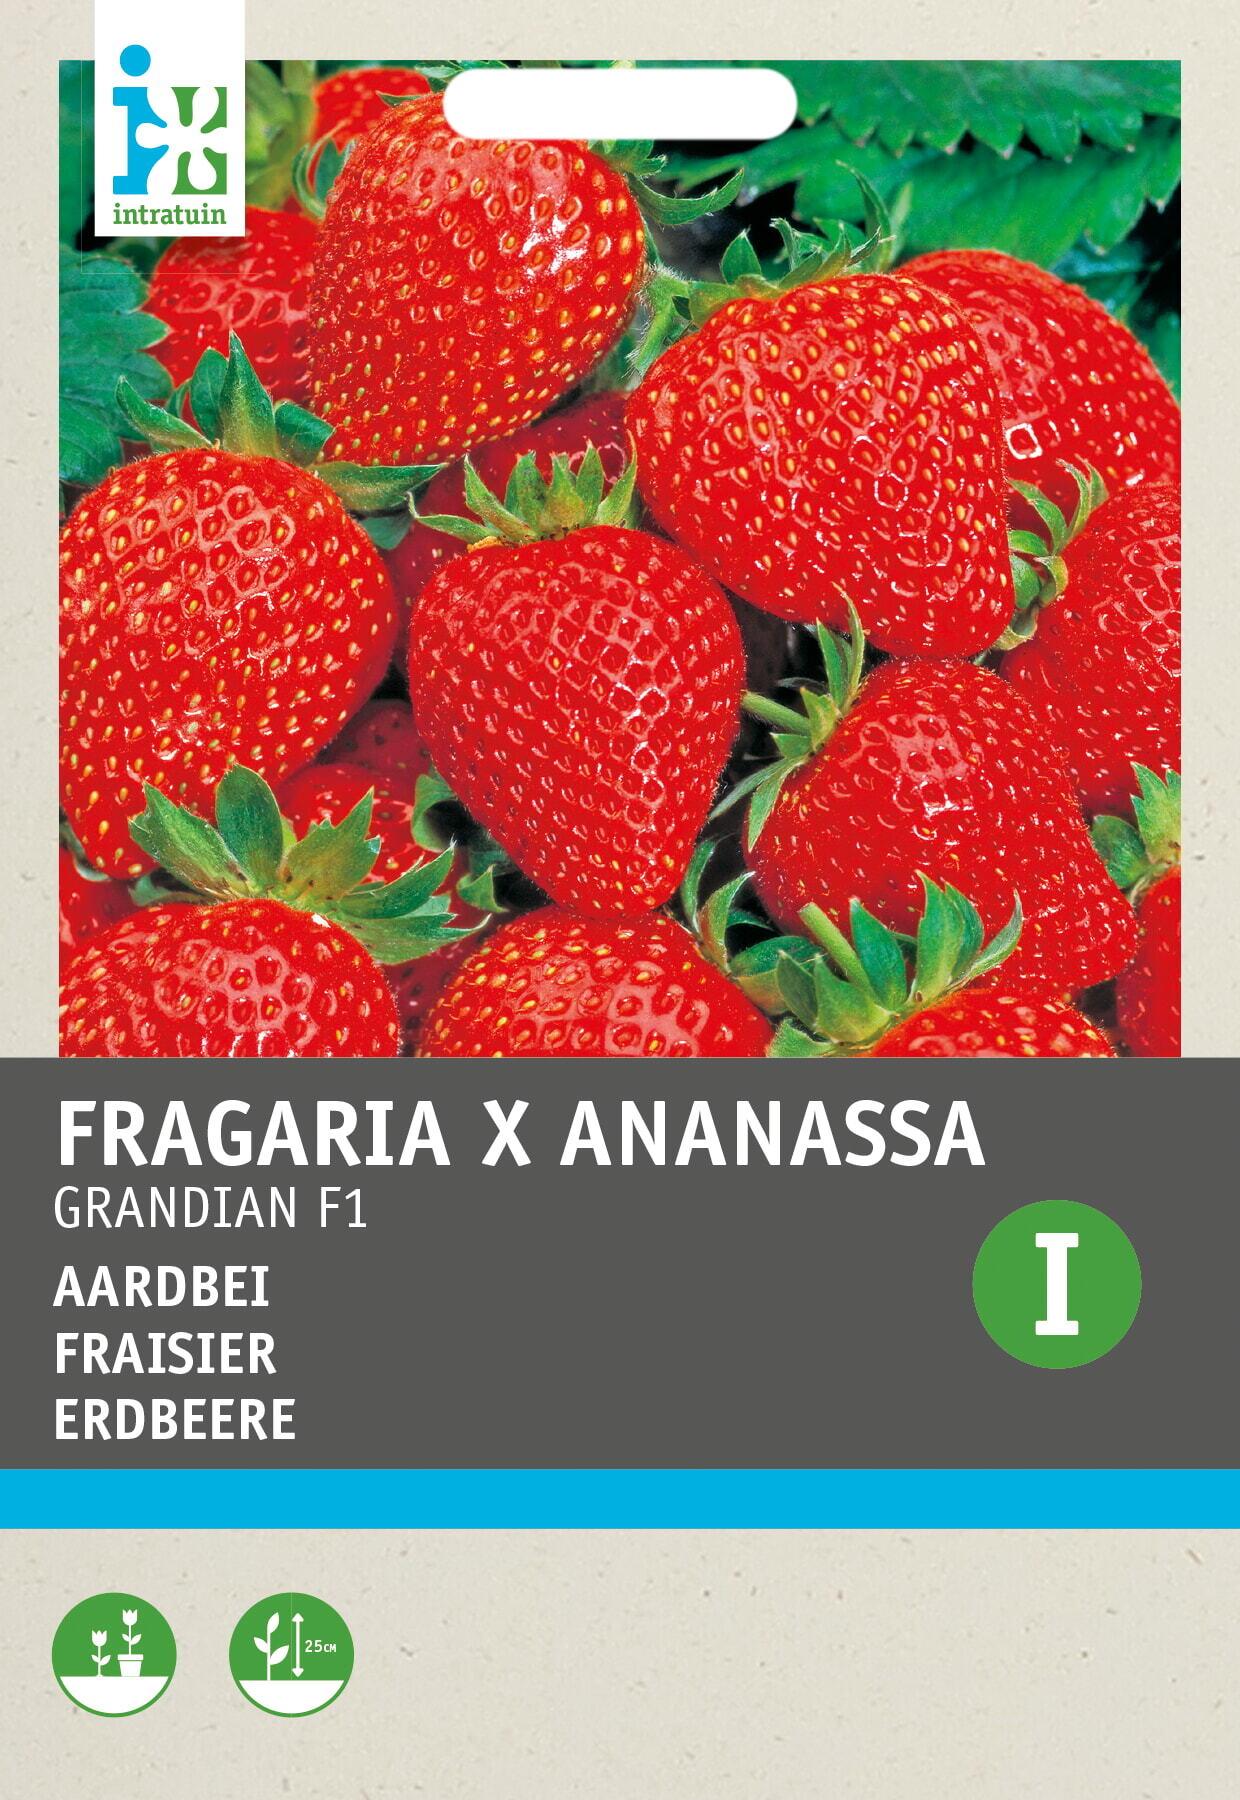 Aardbei (Fragaria - ananassa